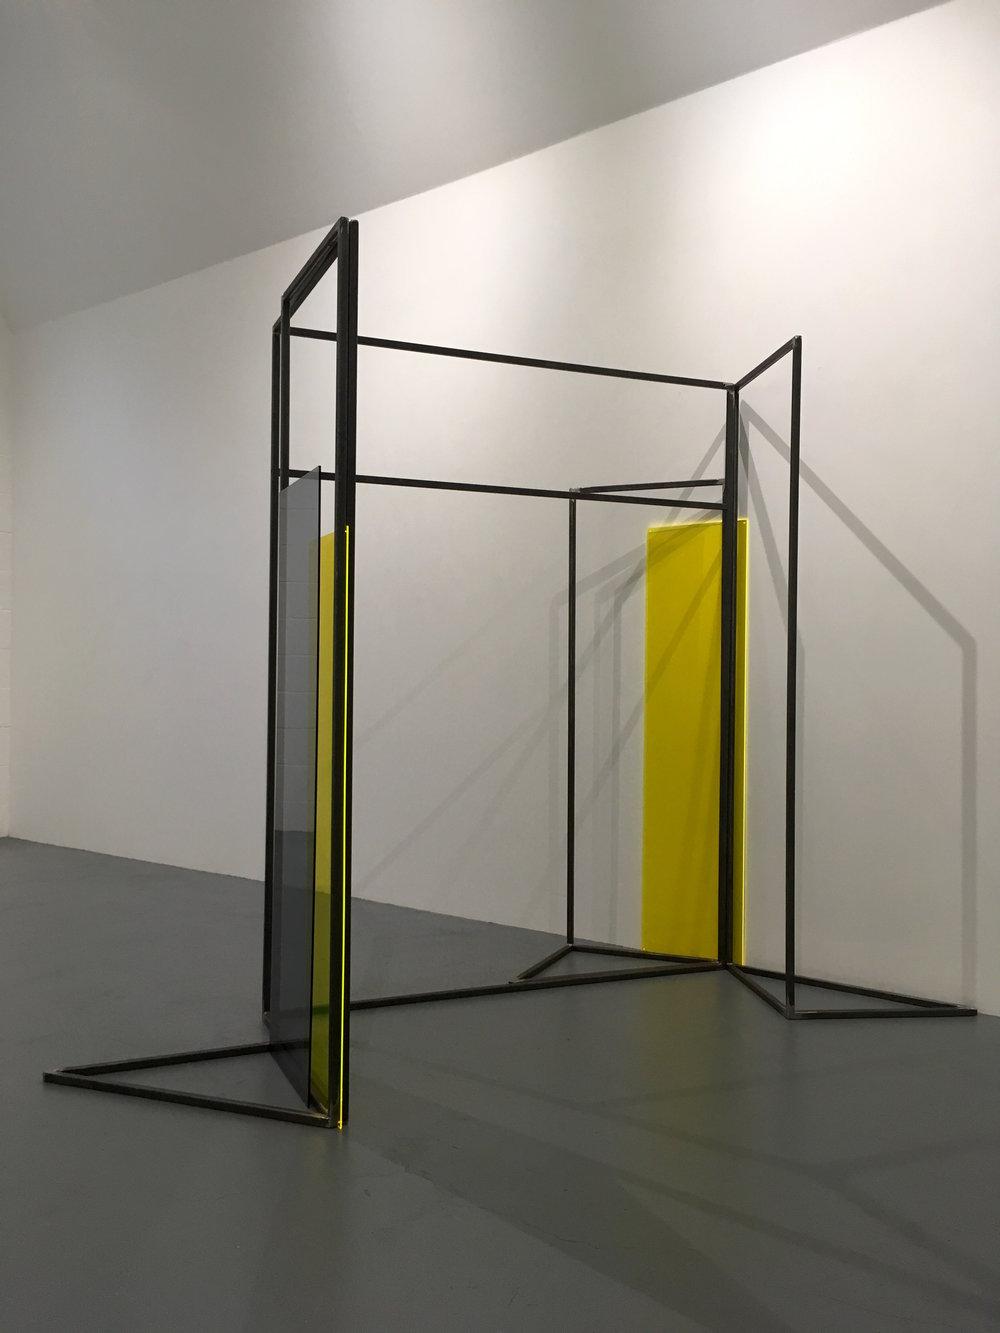 Rosalind Davis.Haus Konstructiv. No format Gallery. Steel & Perspex. Dimensions variable.III.jpg